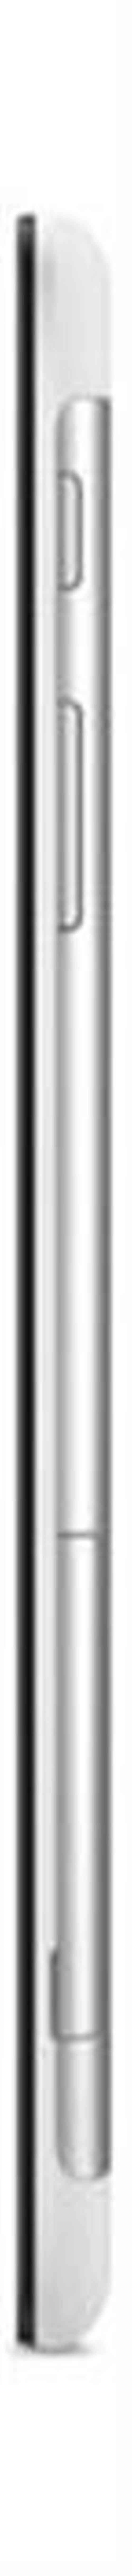 Huawei MediaPad T1 7 Tablet side Silver/Black